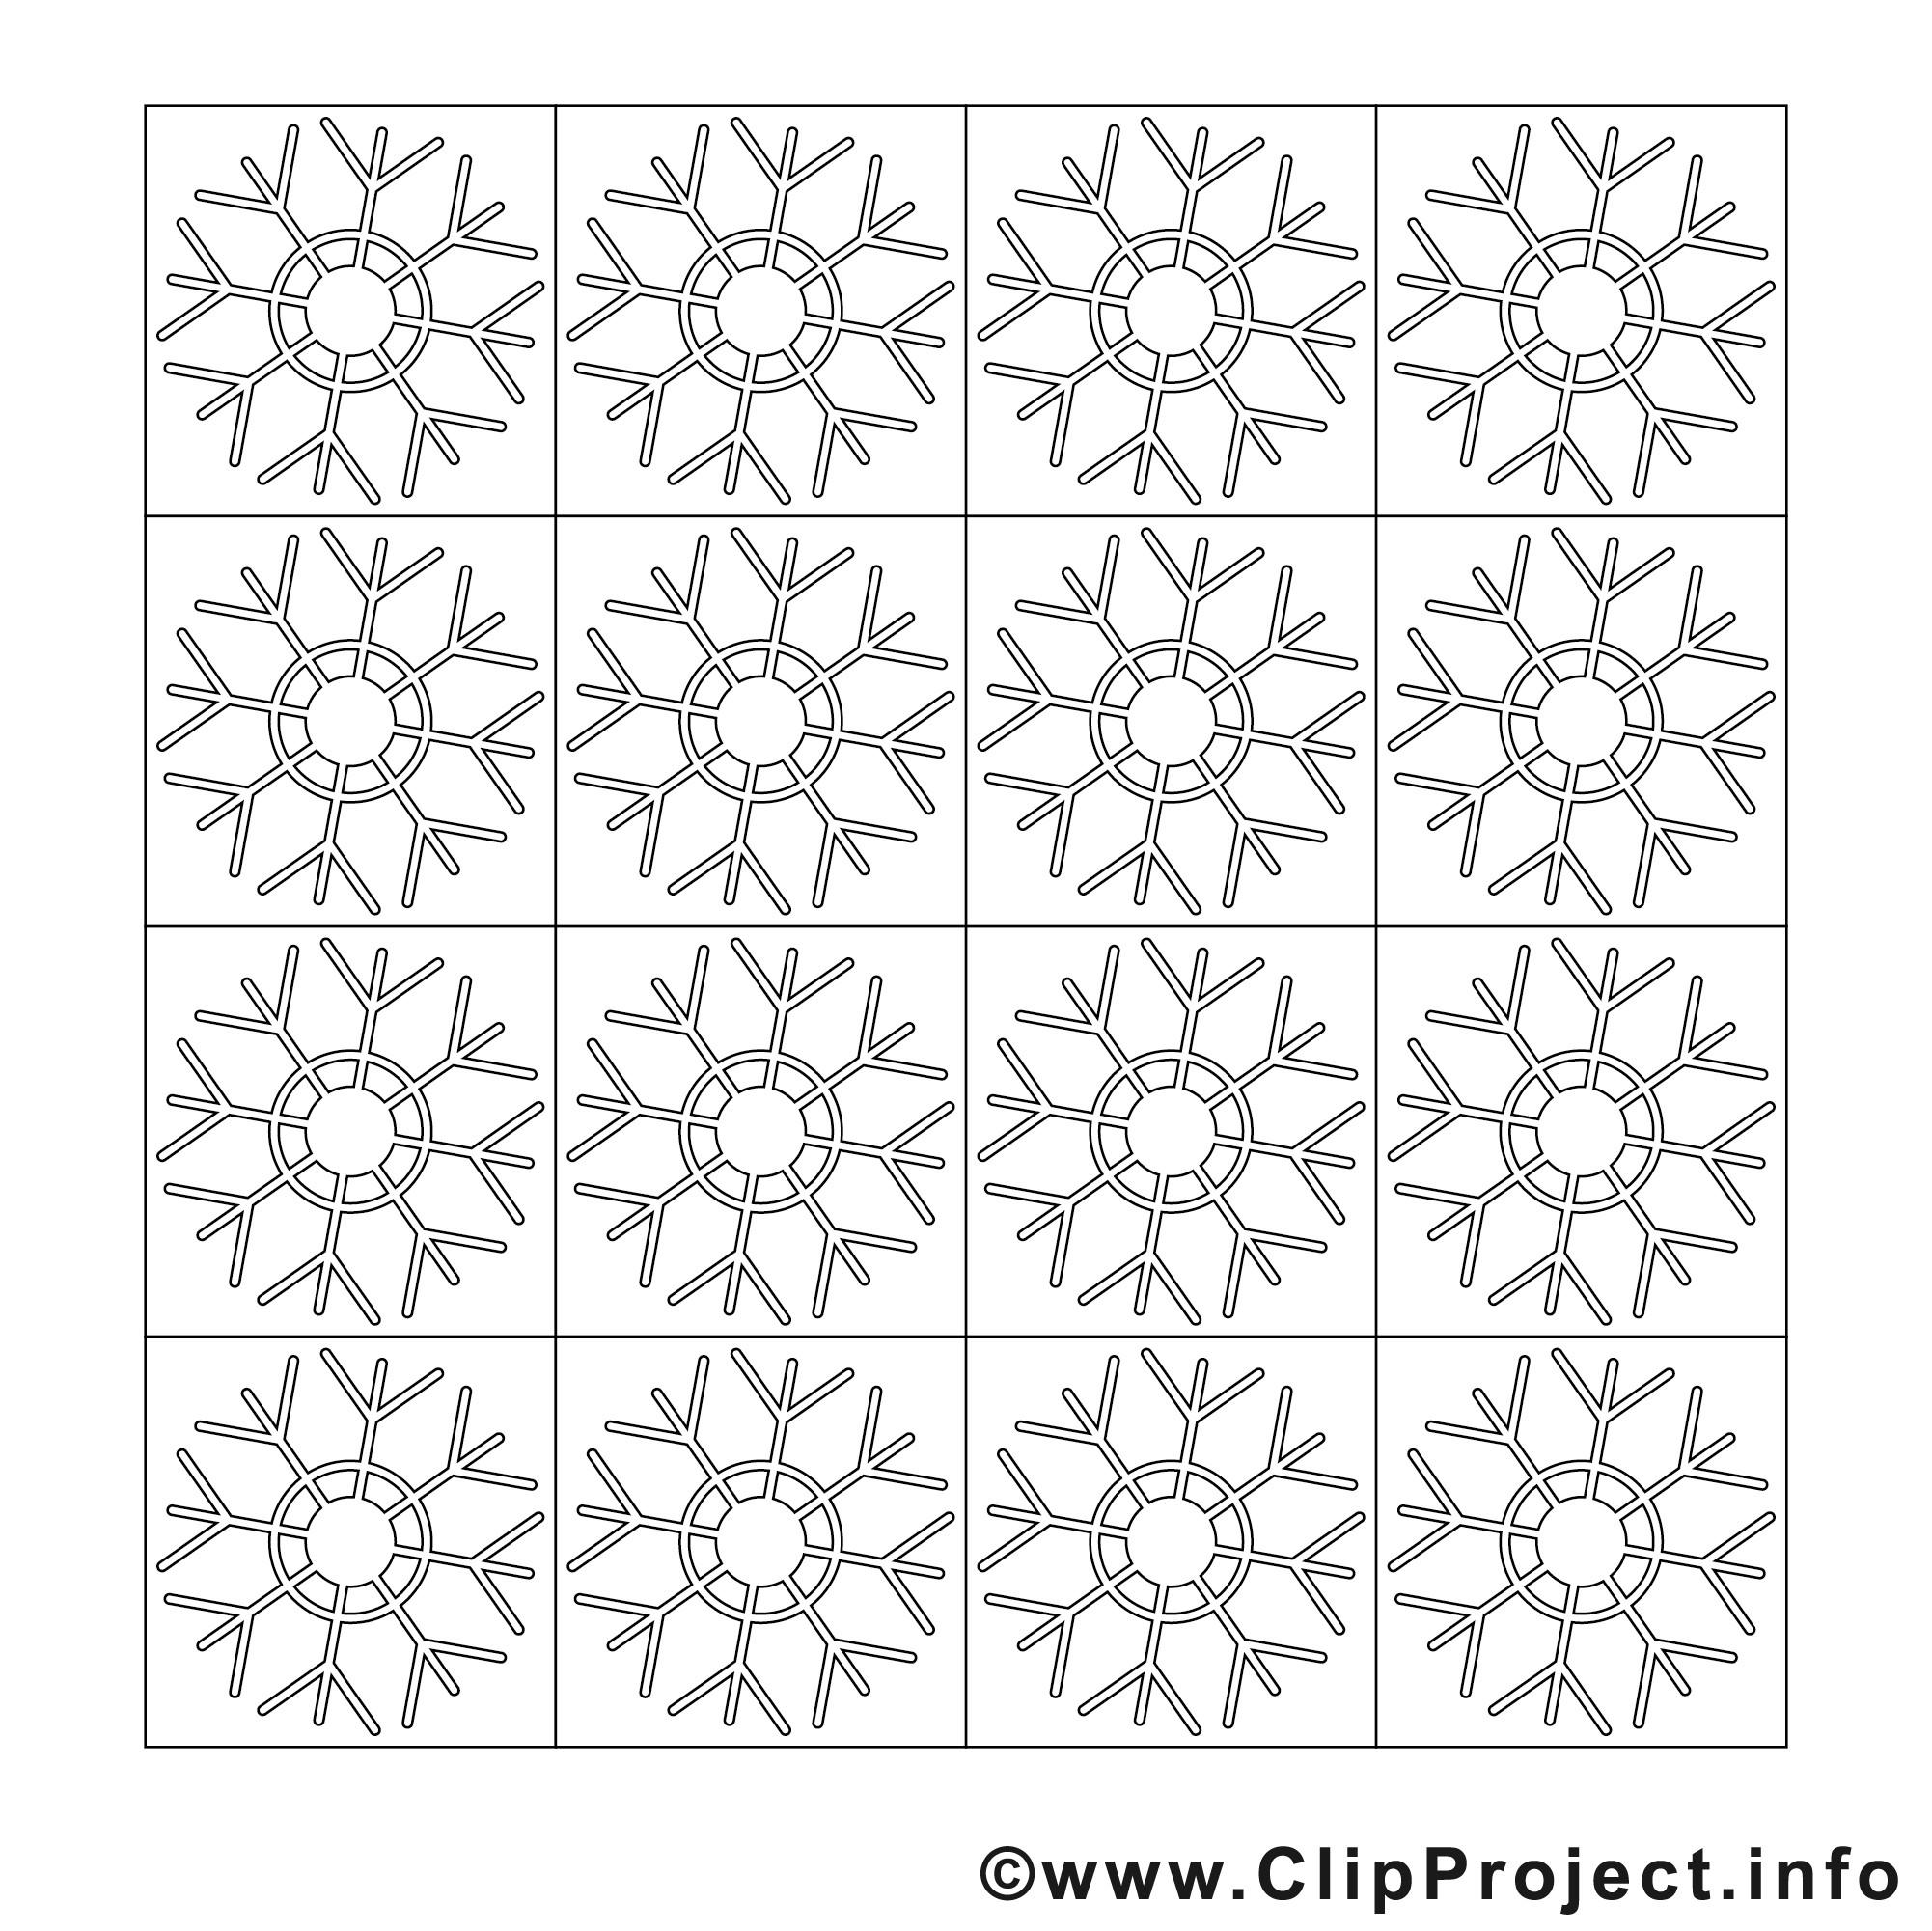 Schneeflocken Malvorlagen  Schneeflocken Malvorlage kostenlos